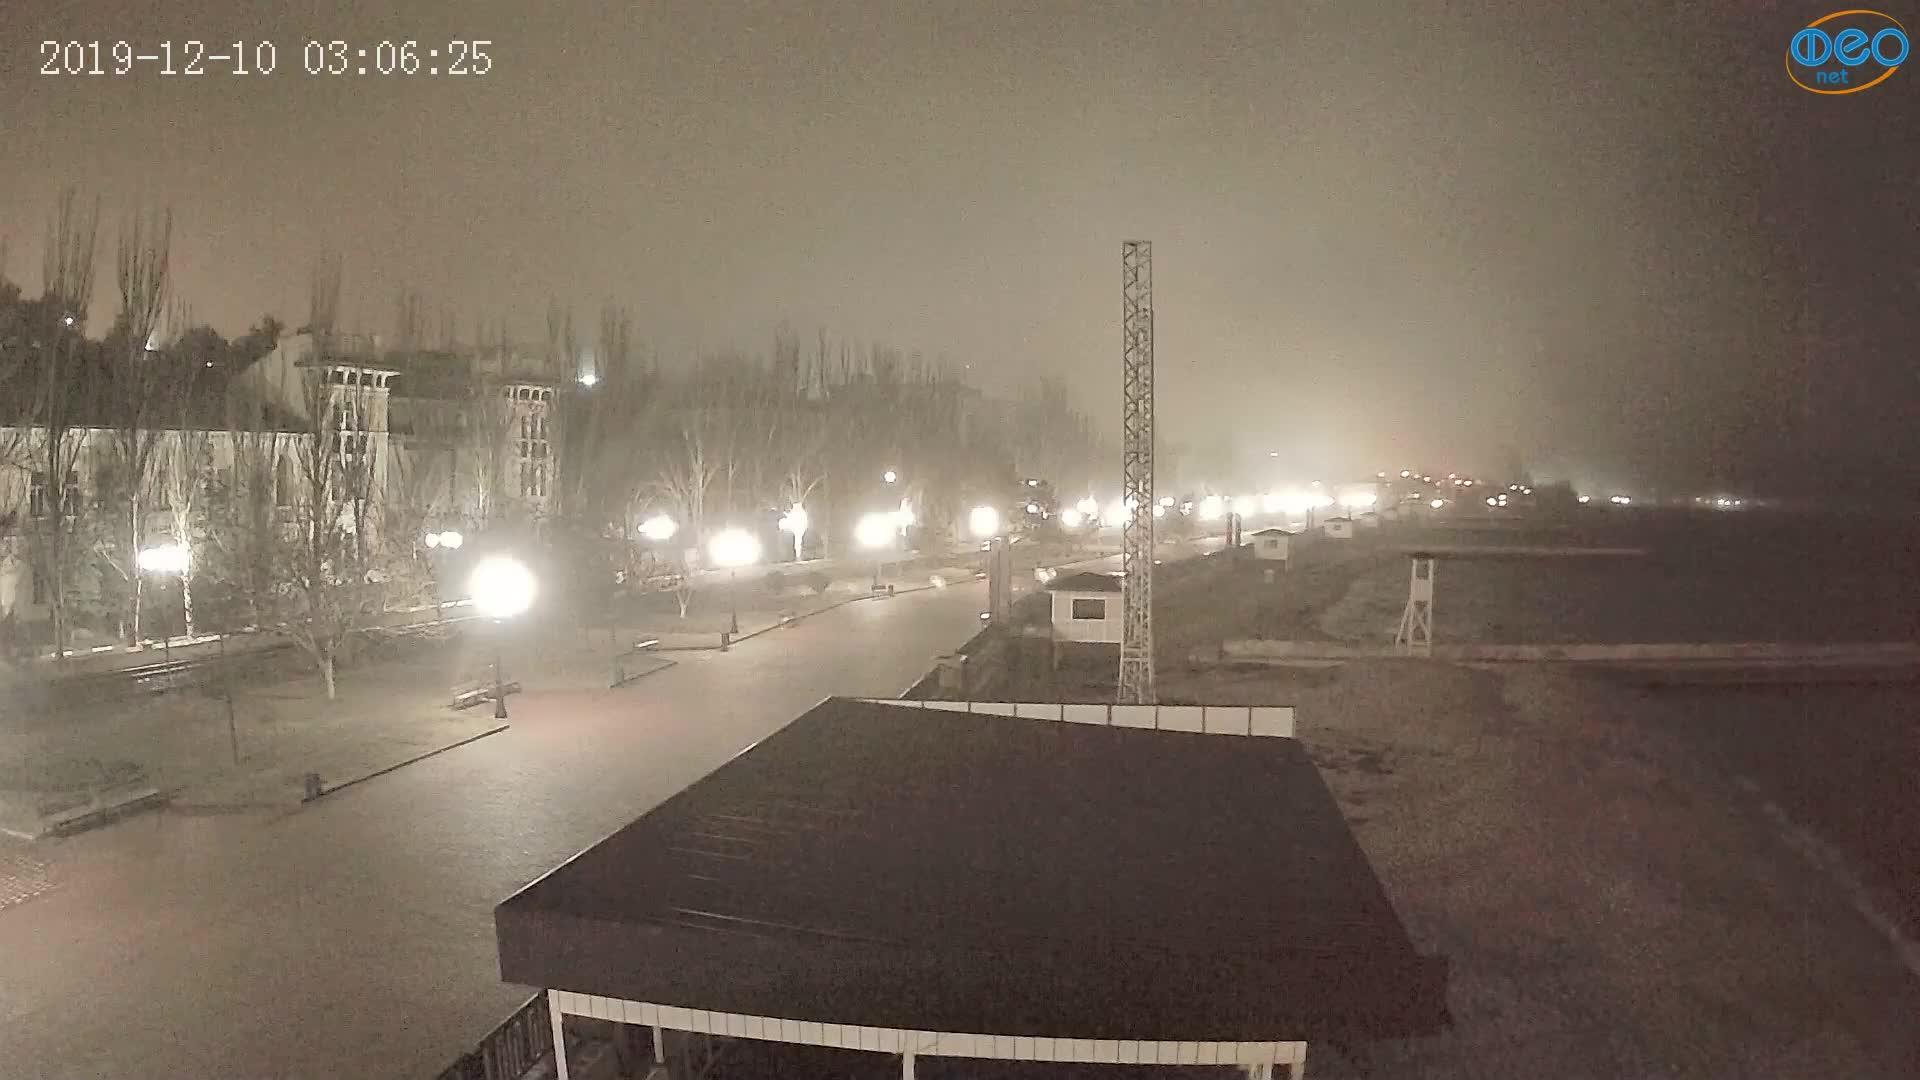 Веб-камеры Феодосии, Пляж Камешки, 2019-12-10 03:06:49